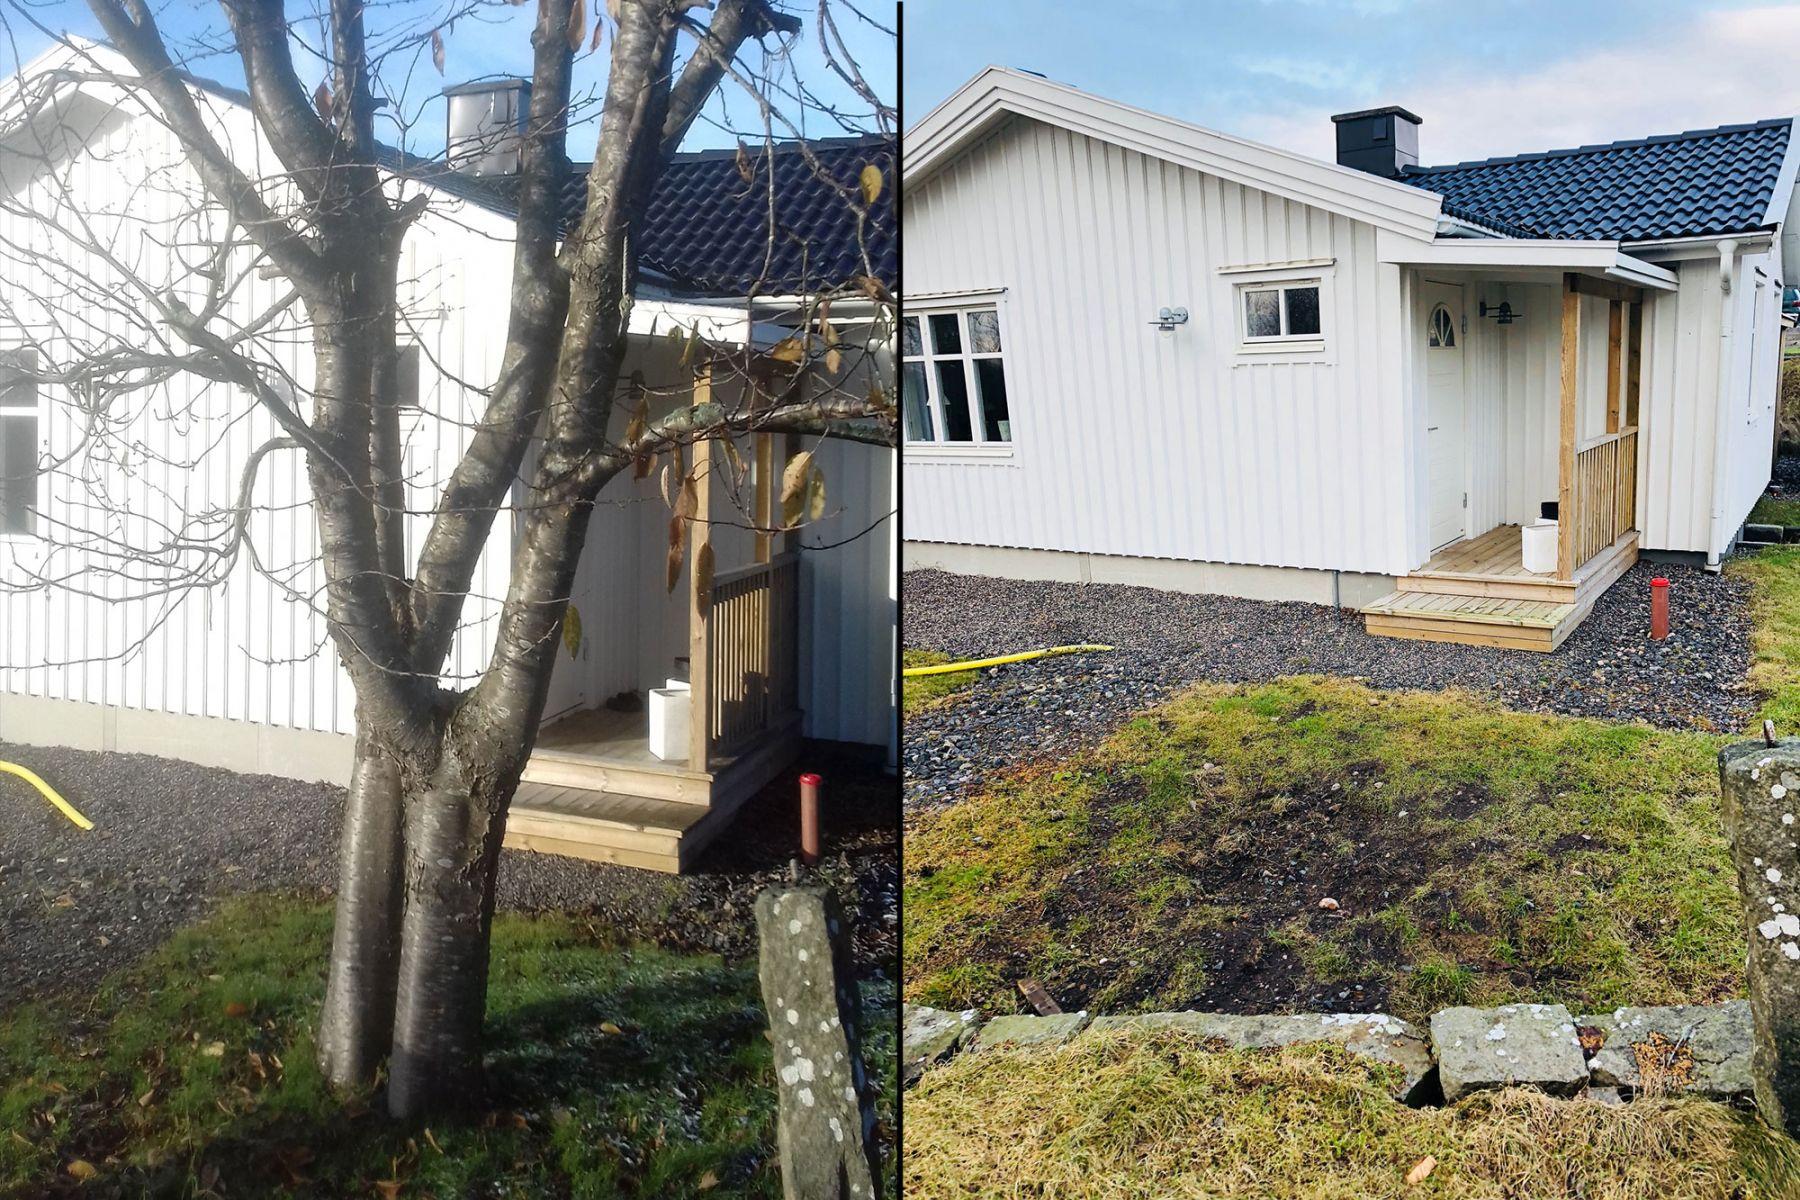 Vi hjälper dig med stubbfräsning, trädfällning och bortforsling av grenar.